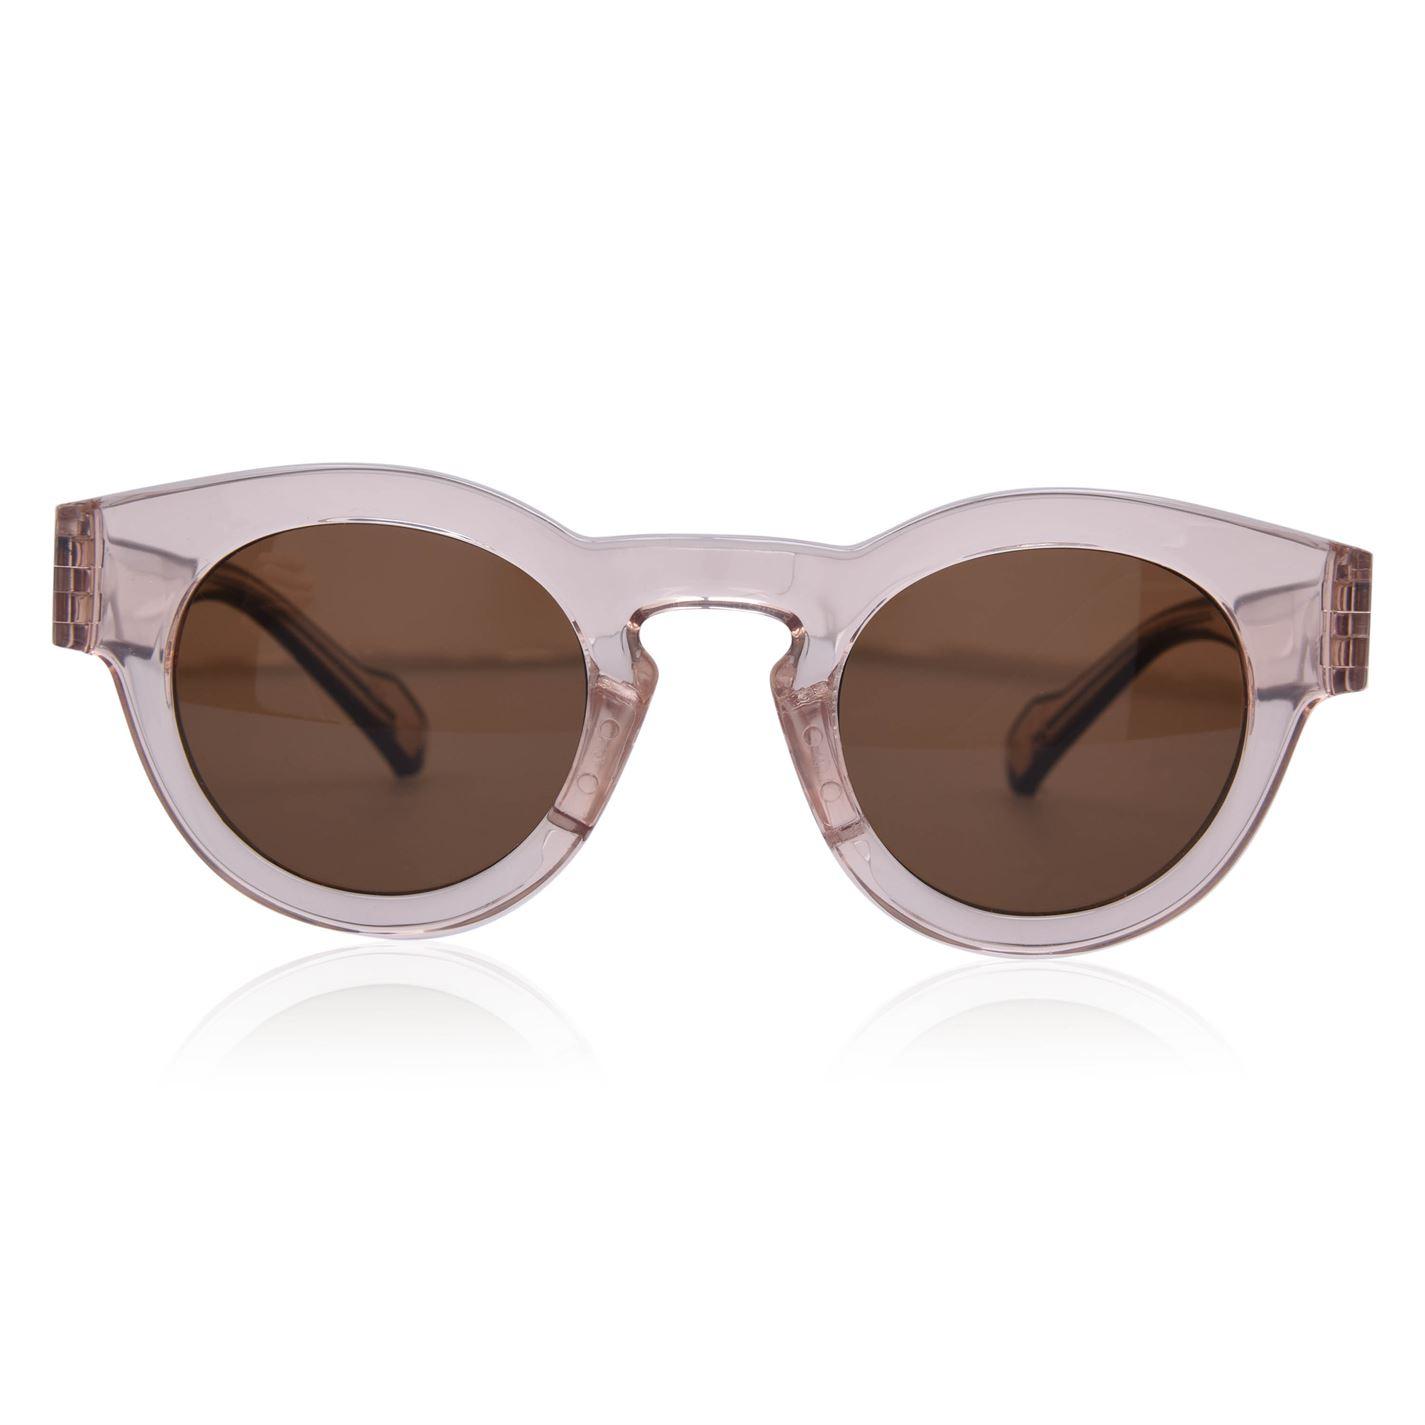 adidas Originals Original 41 Round Sunglasses Mens